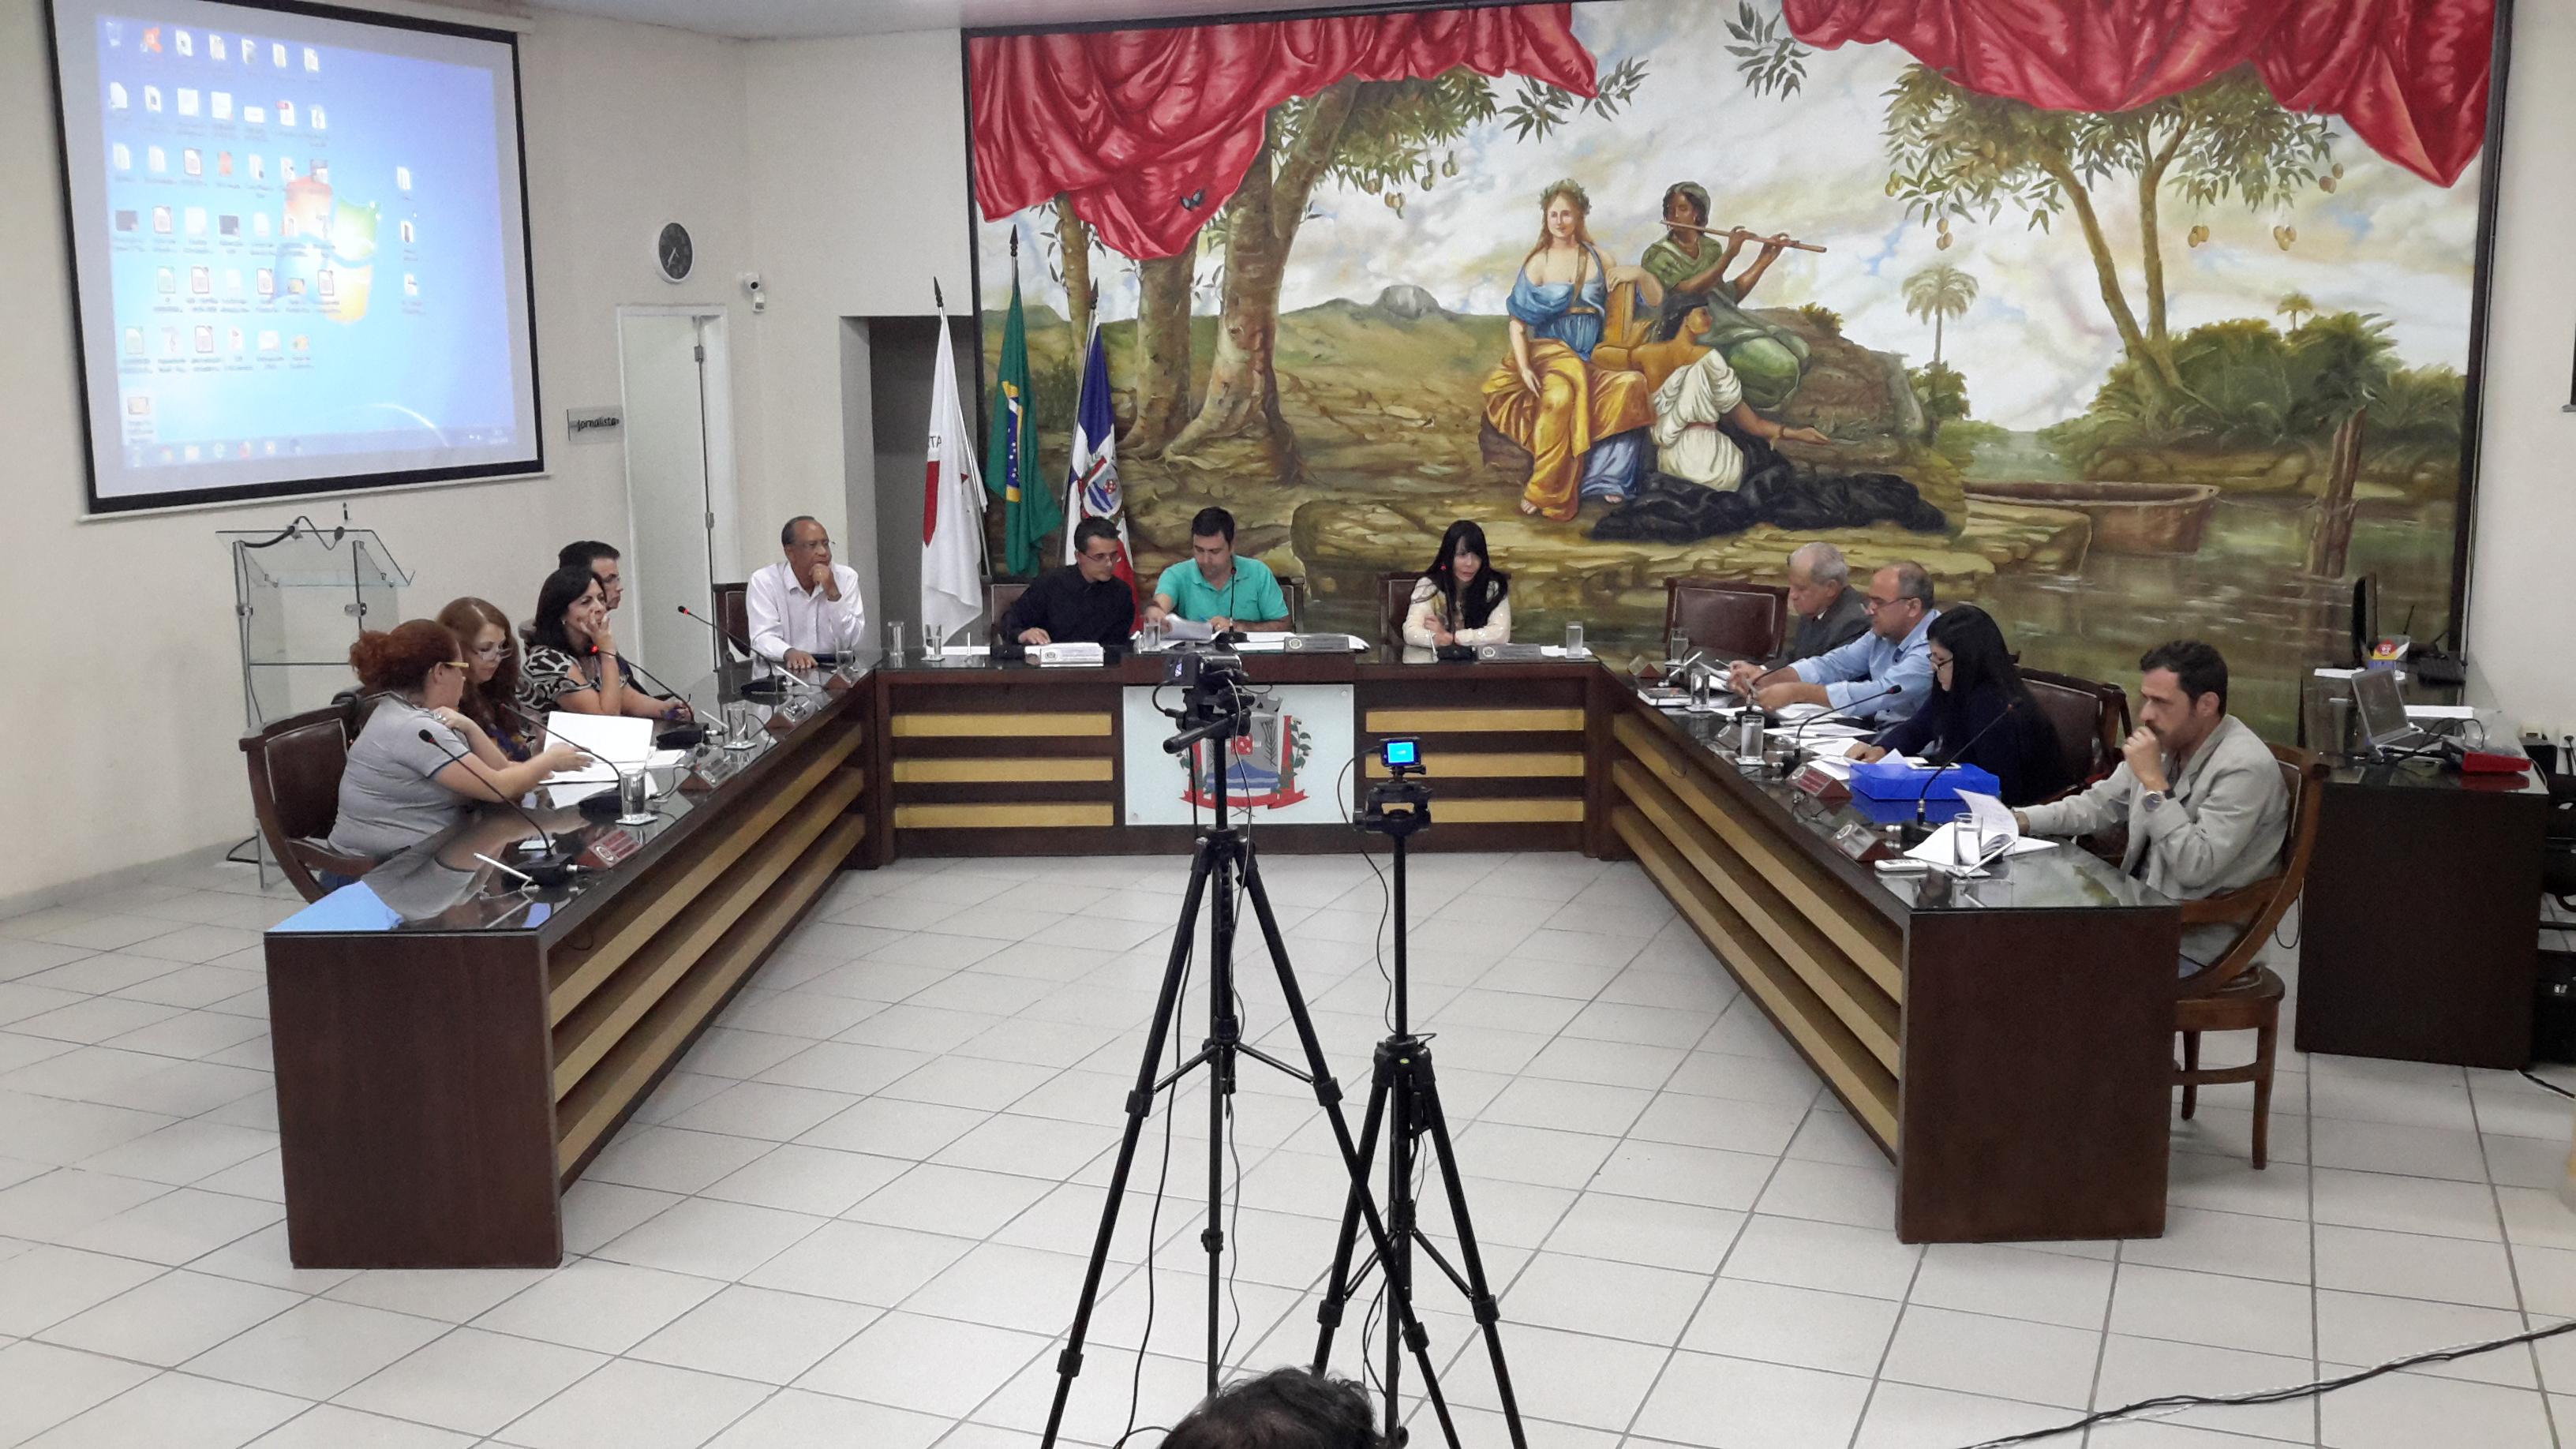 Projeto de Lei de Diretrizes Orçamentárias é apresentado e discutido em audiência pública na Câmara